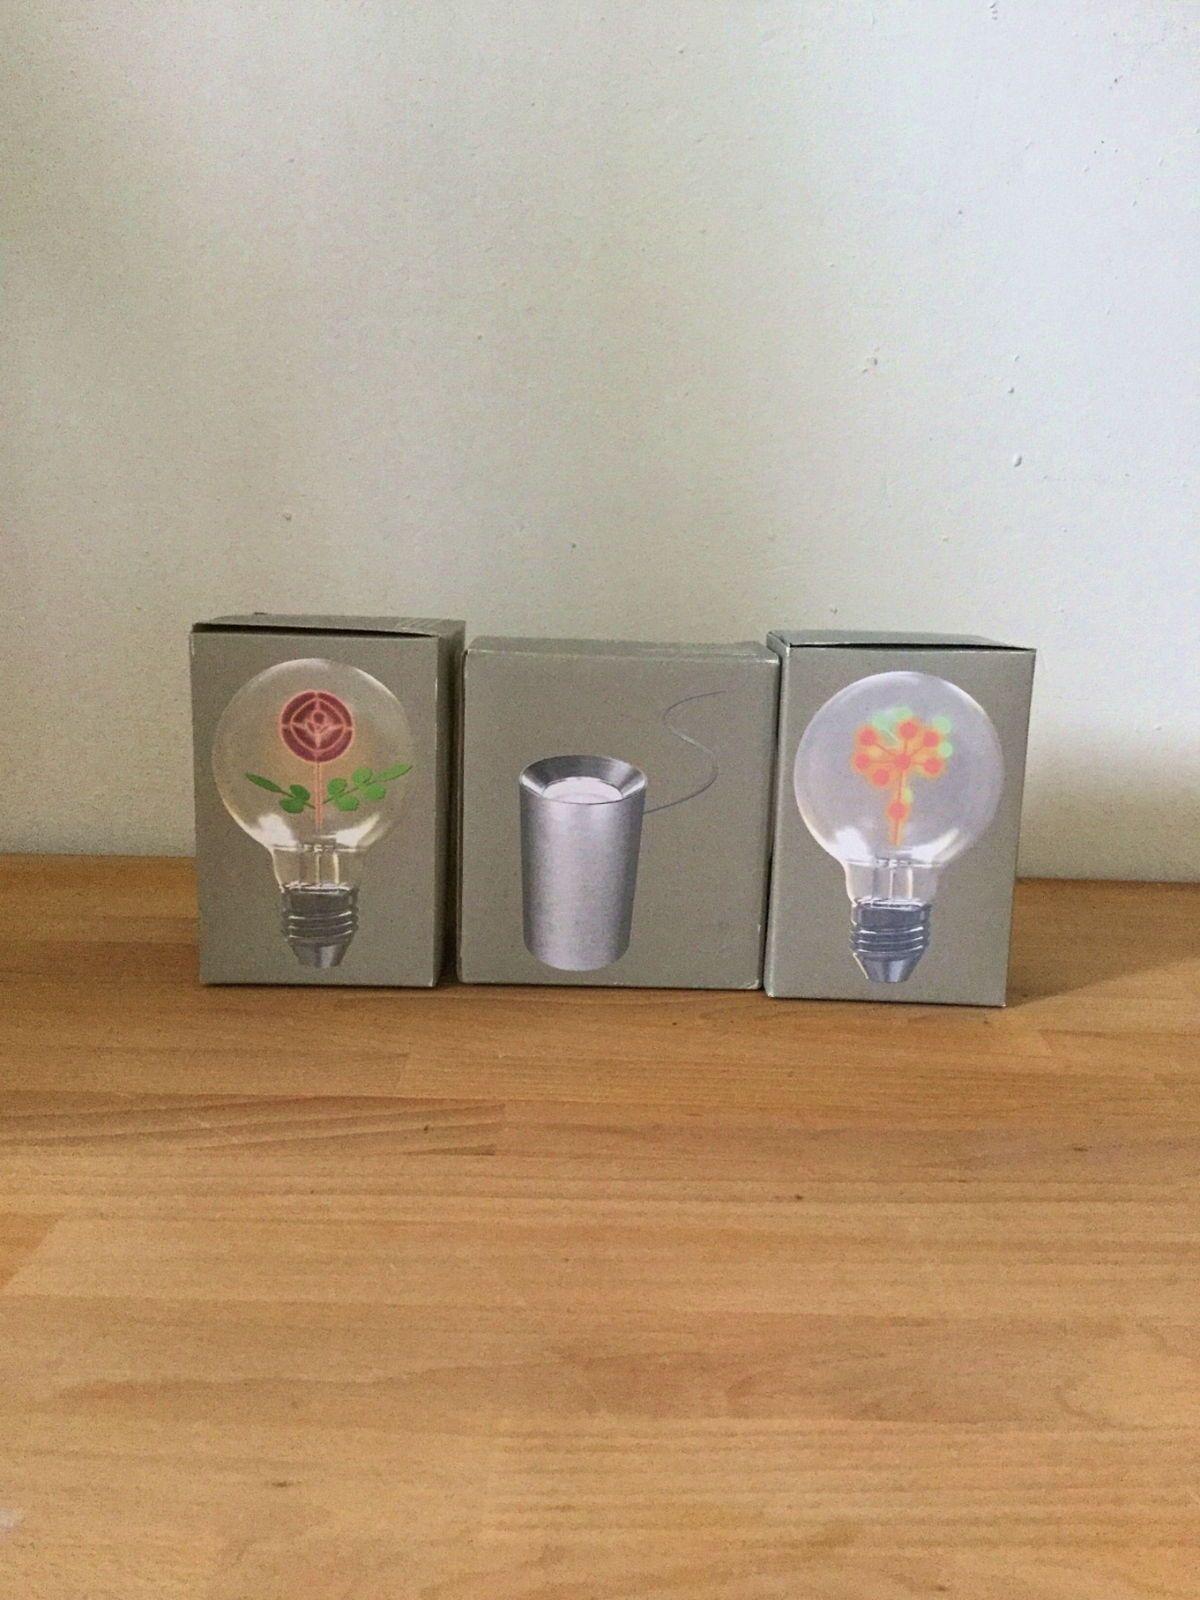 Je vends petite lampe deco; support +2ampoules deco, Habitat